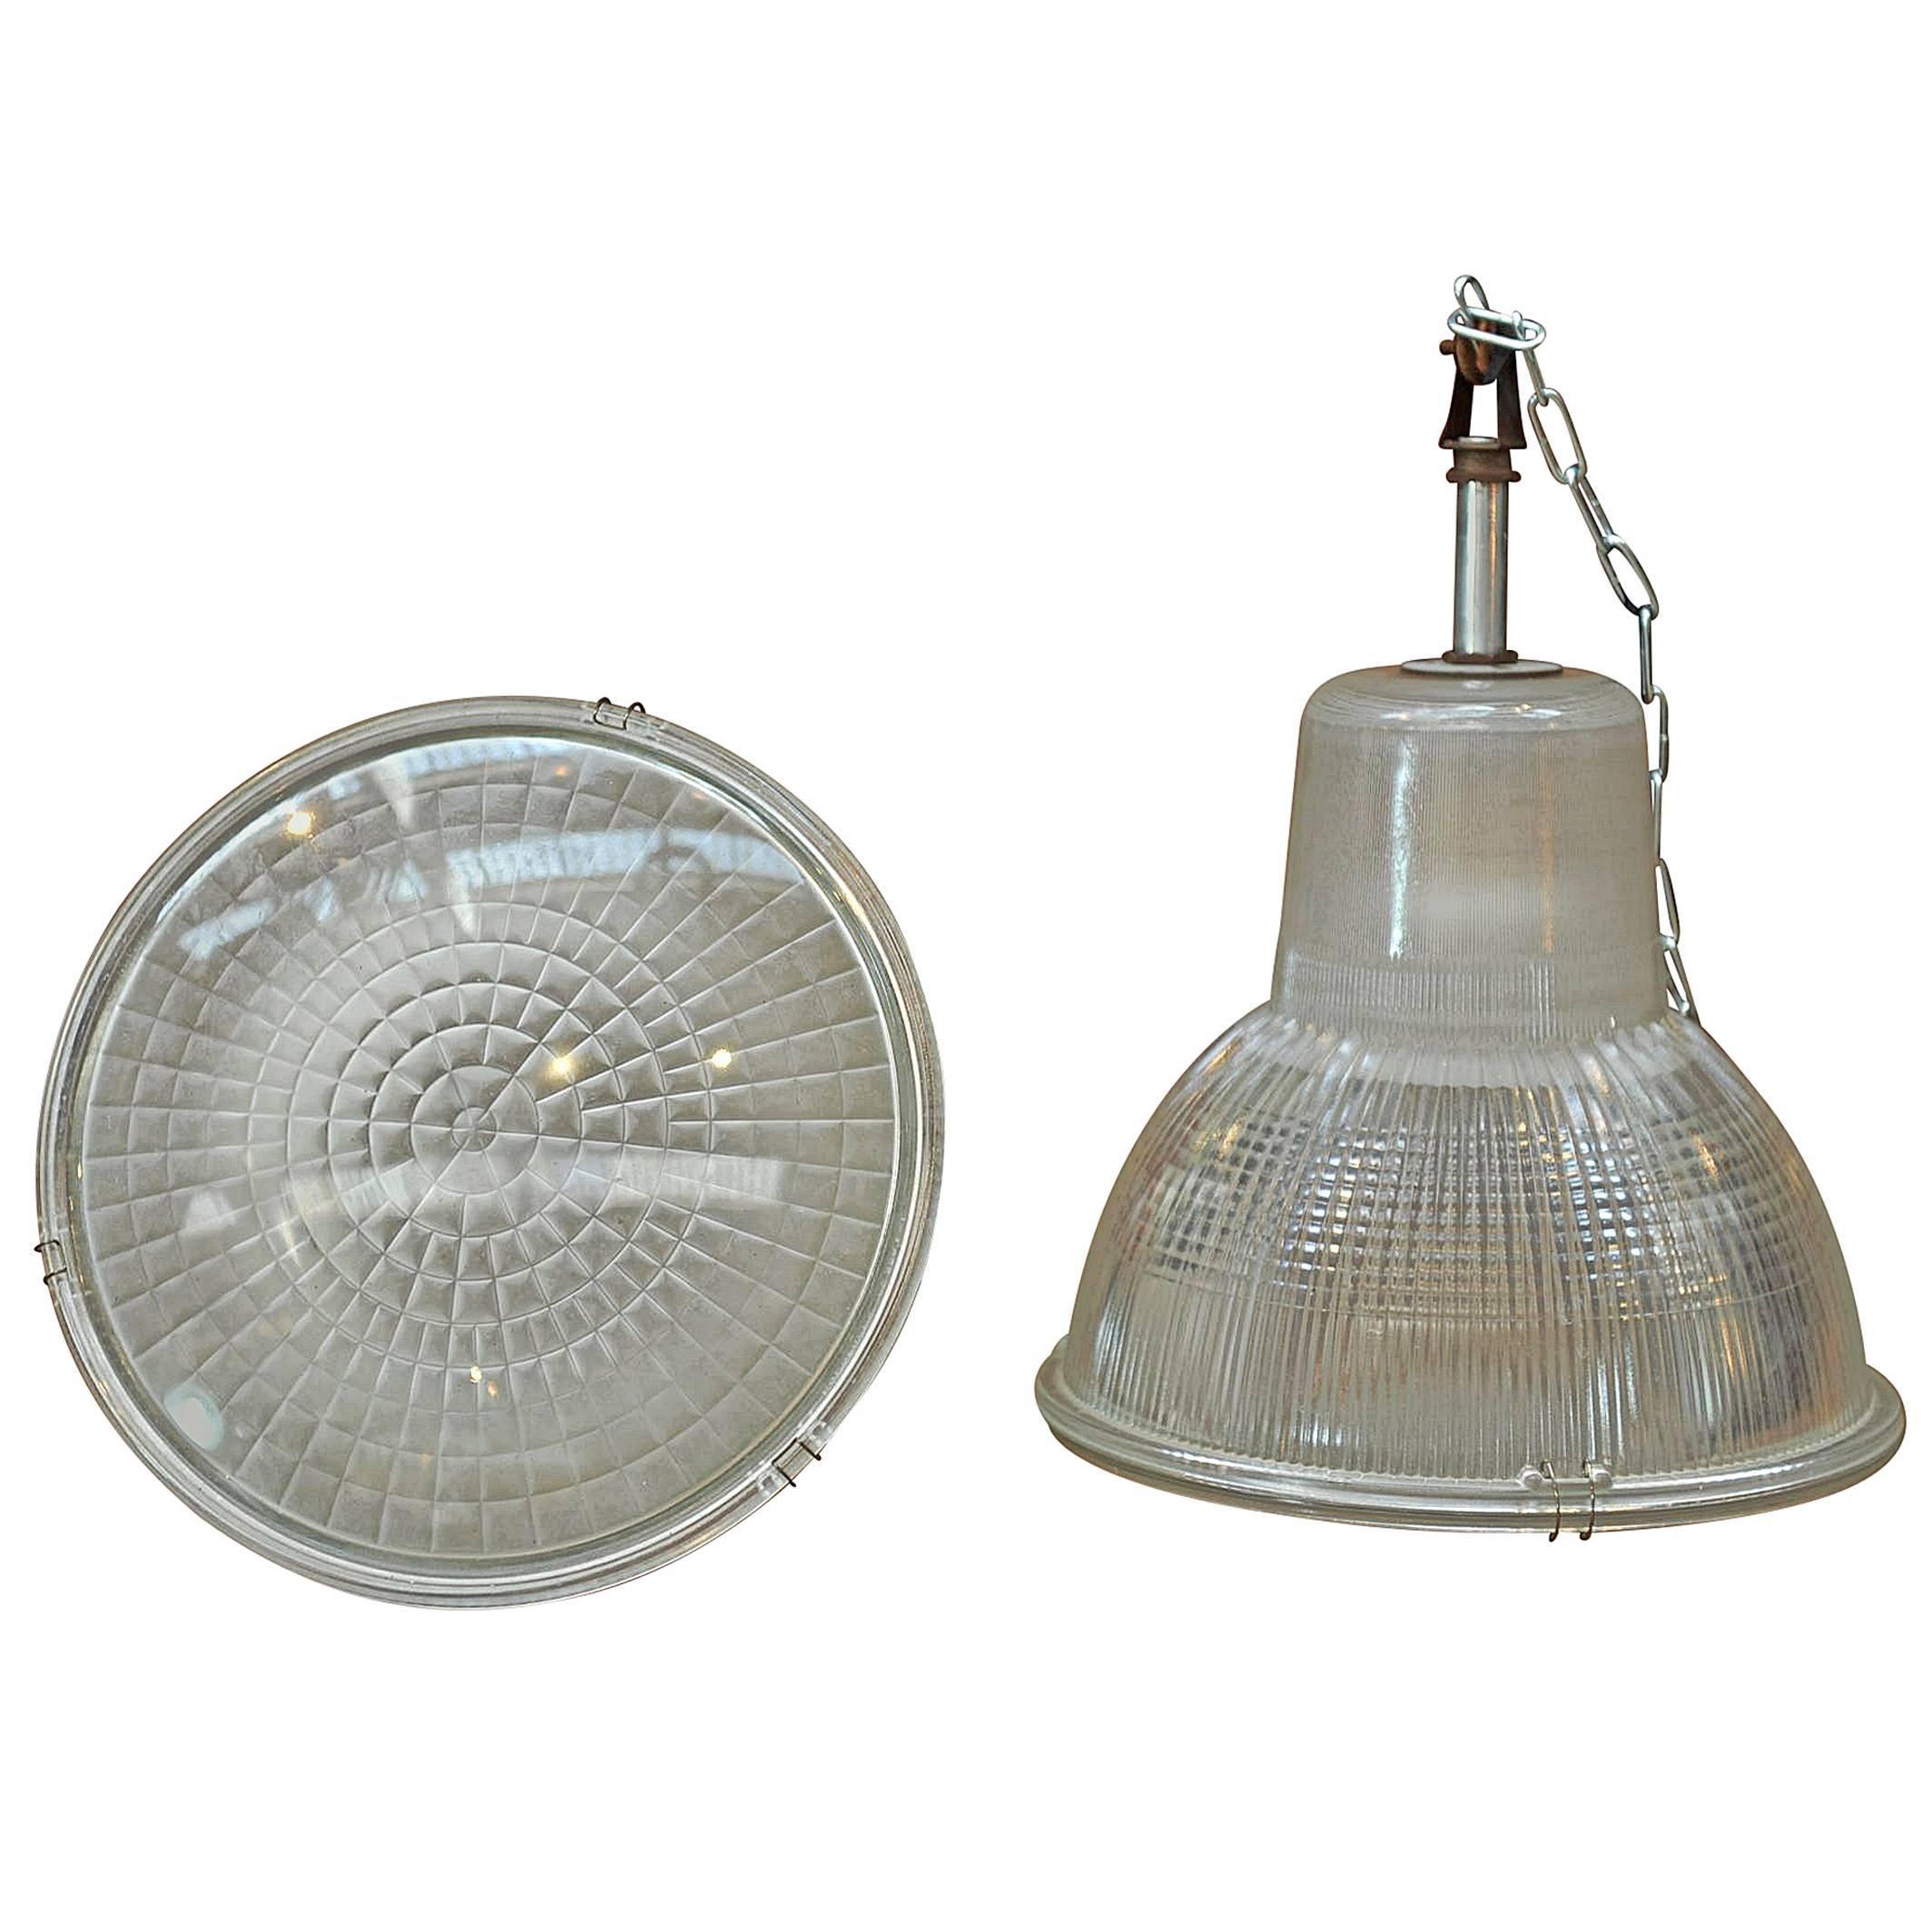 Holophane Paris France Glass Factory Pendant Lights, 1960s